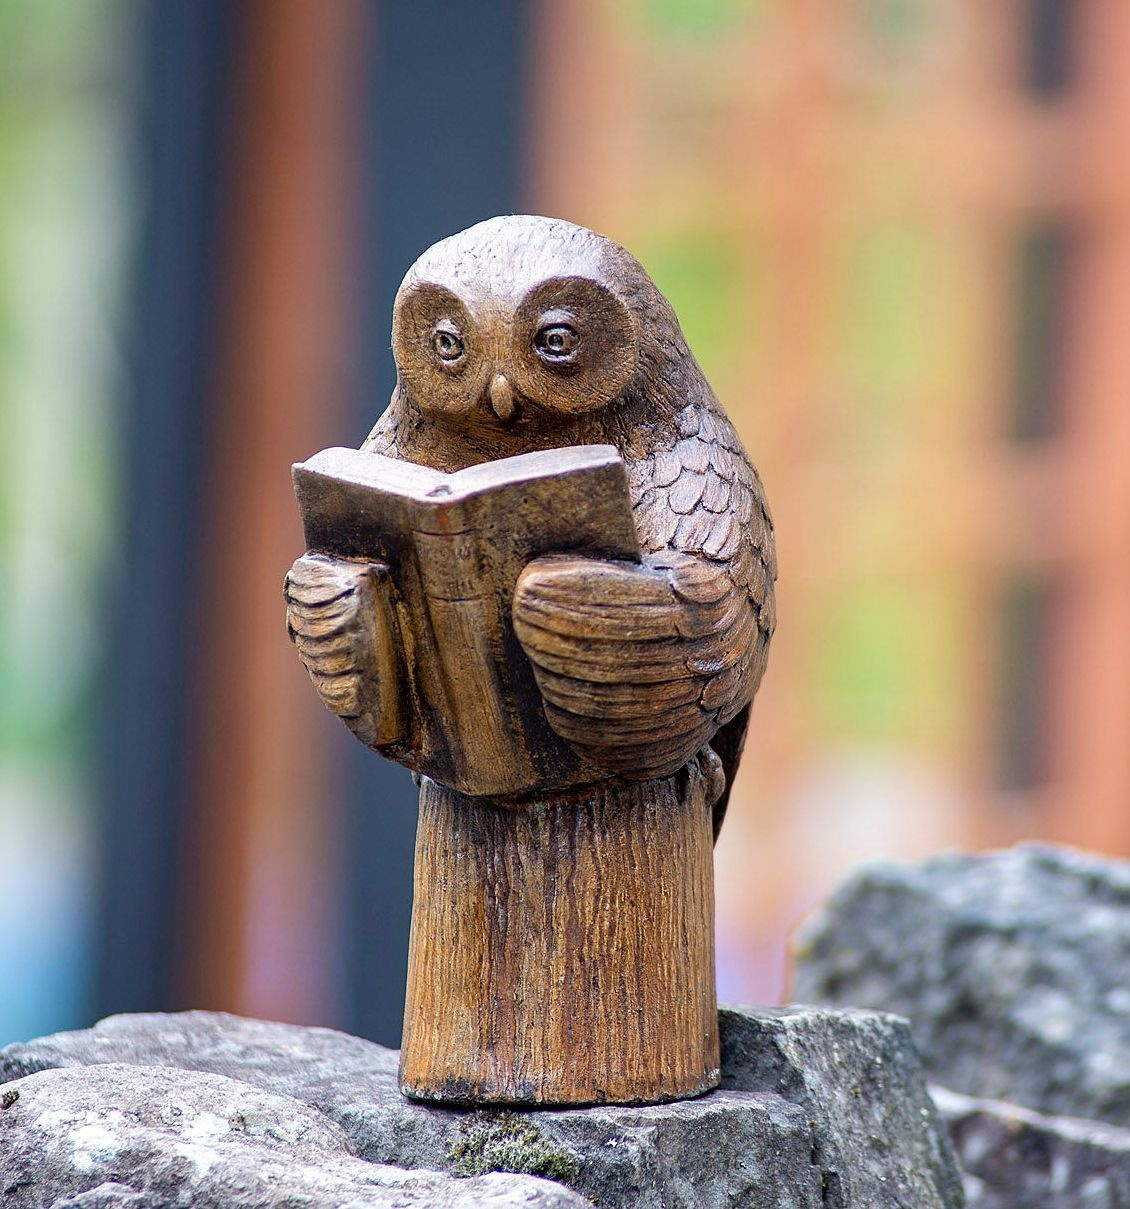 CastArt Studios Enlightened Owl Small: